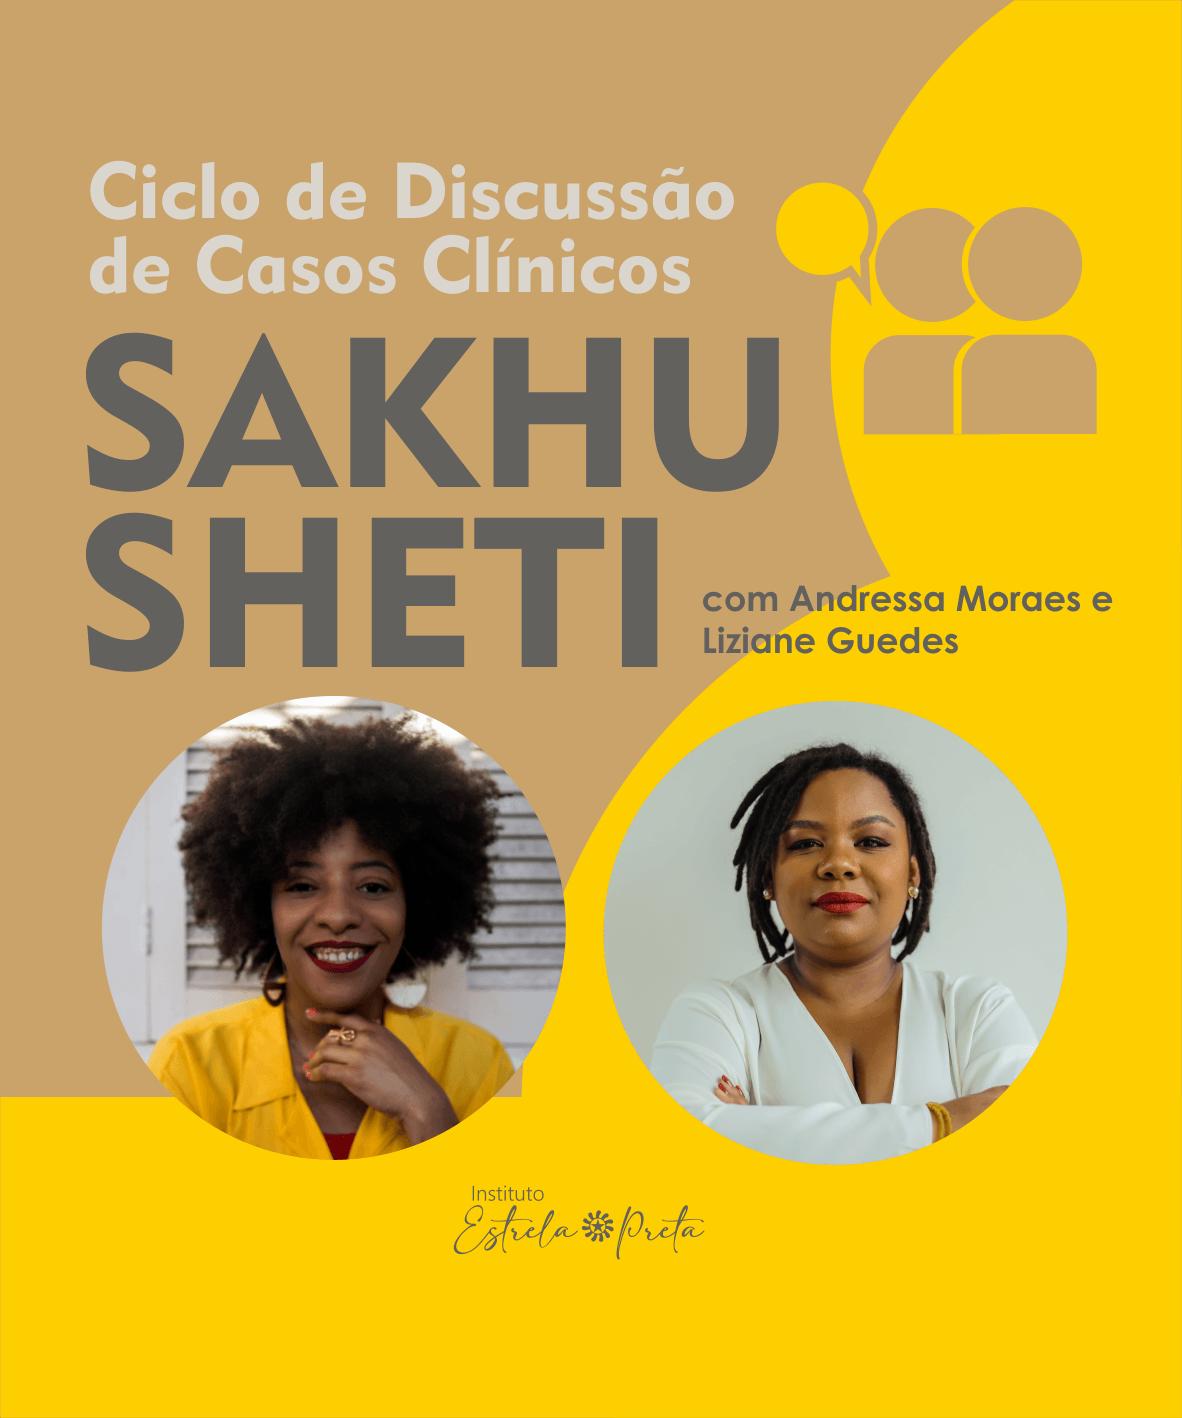 Ciclo de Discussão de Casos Clínicos - Sakhu Sheti